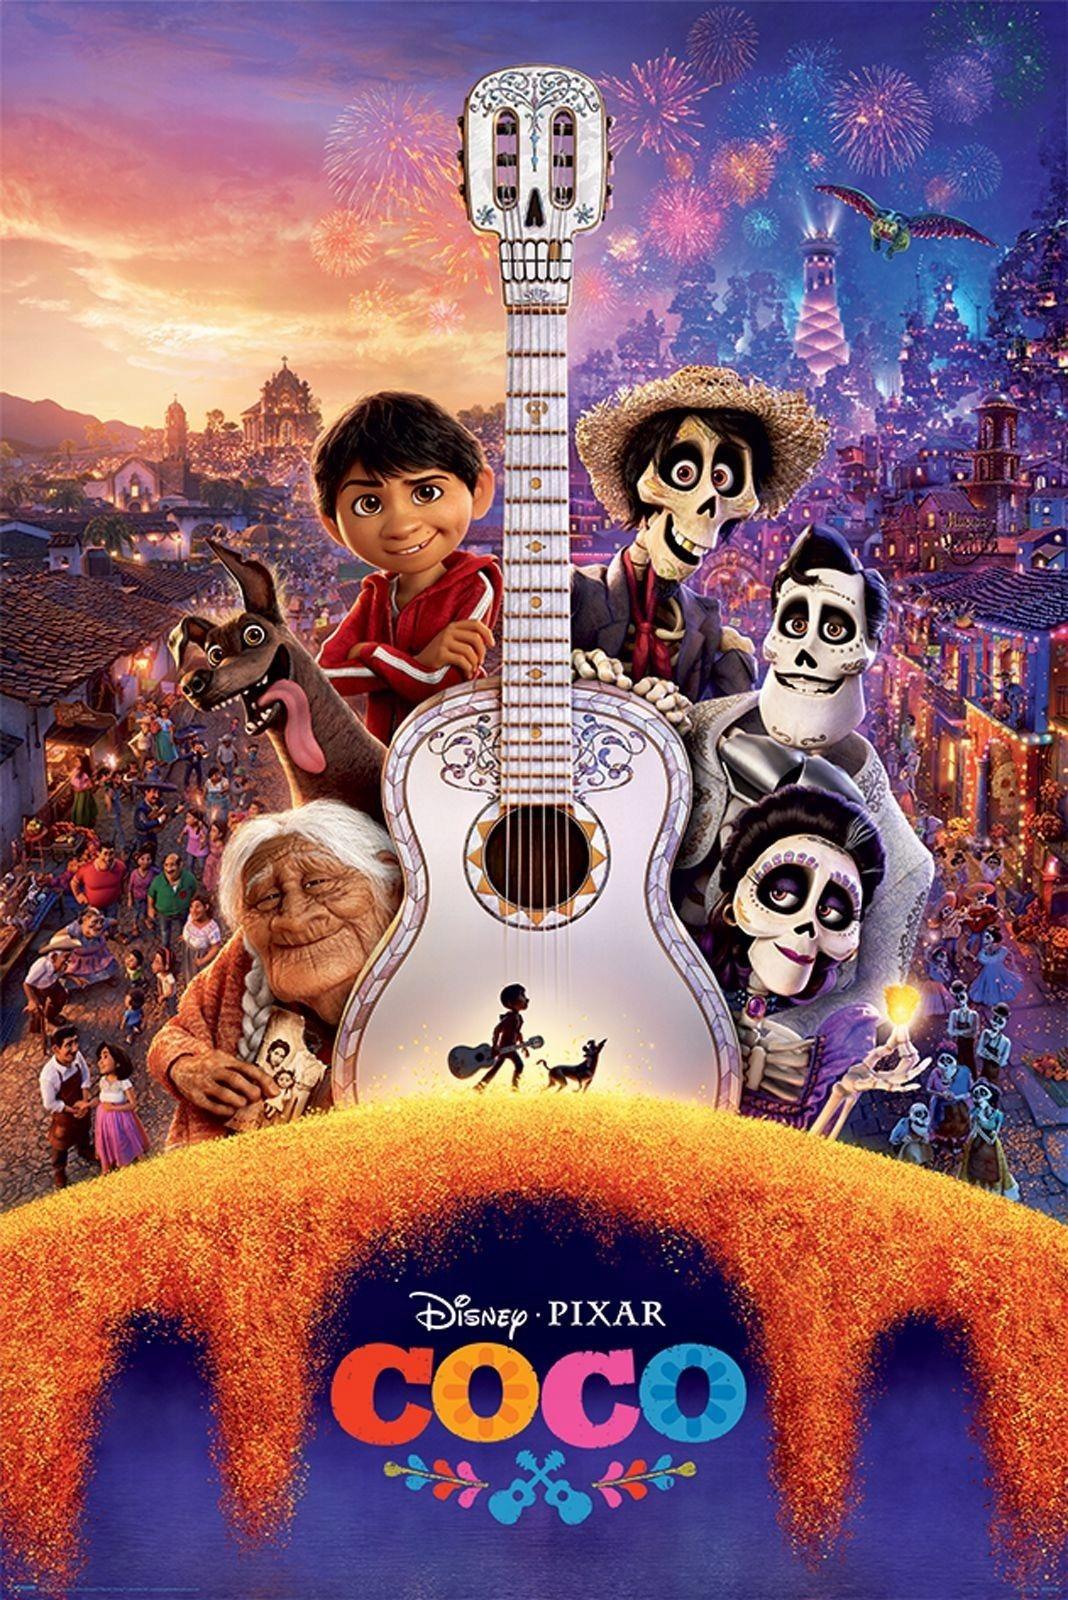 Coco Guitar Plakat Z Bajki 7073882824 Oficjalne